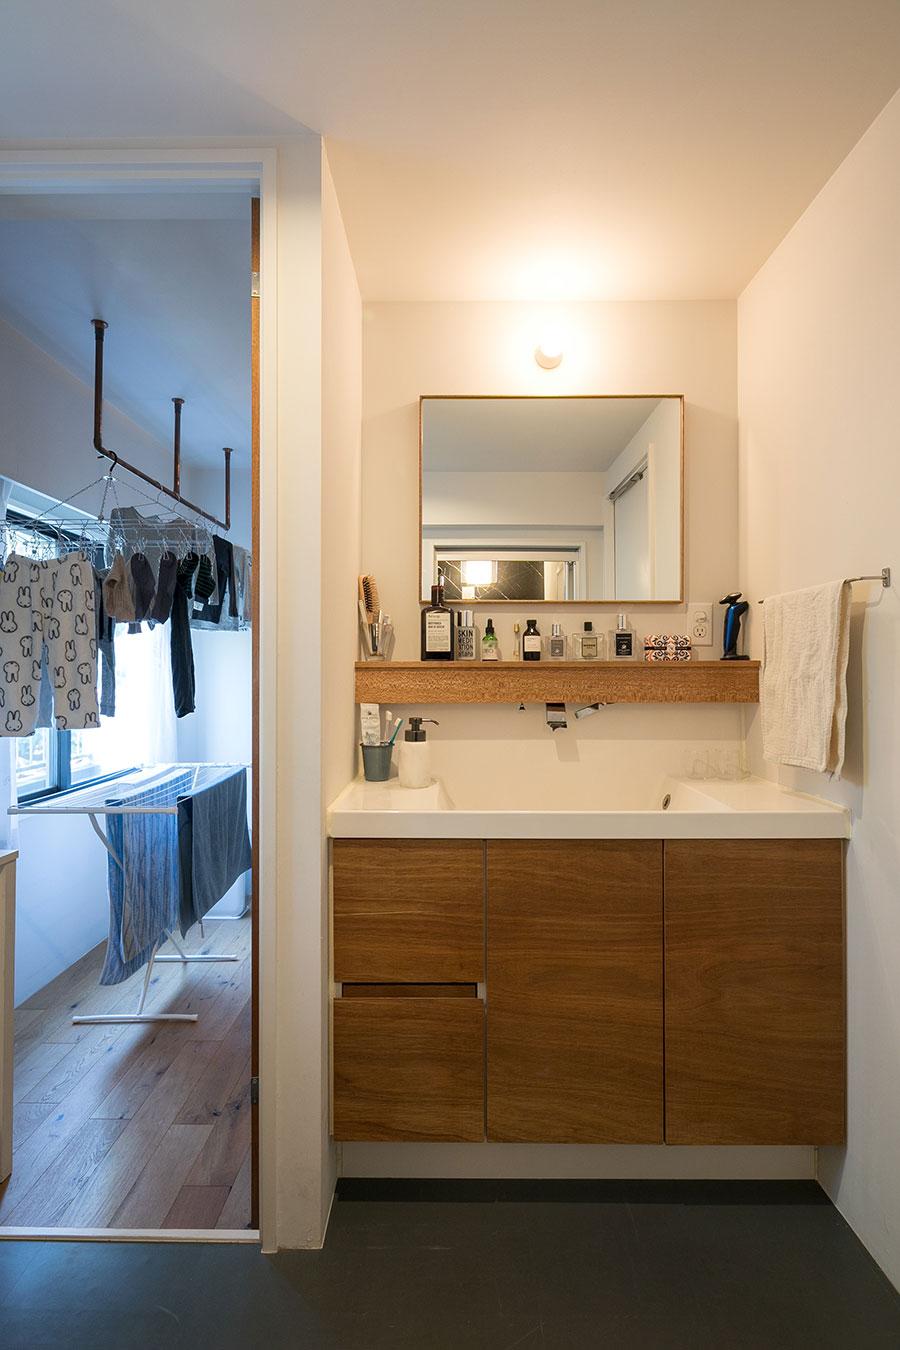 洗面室から家事室へ直接入れる動線を作った。洗面台は既存のシンクを使い、鏡とラワン材の収納扉を替えました」